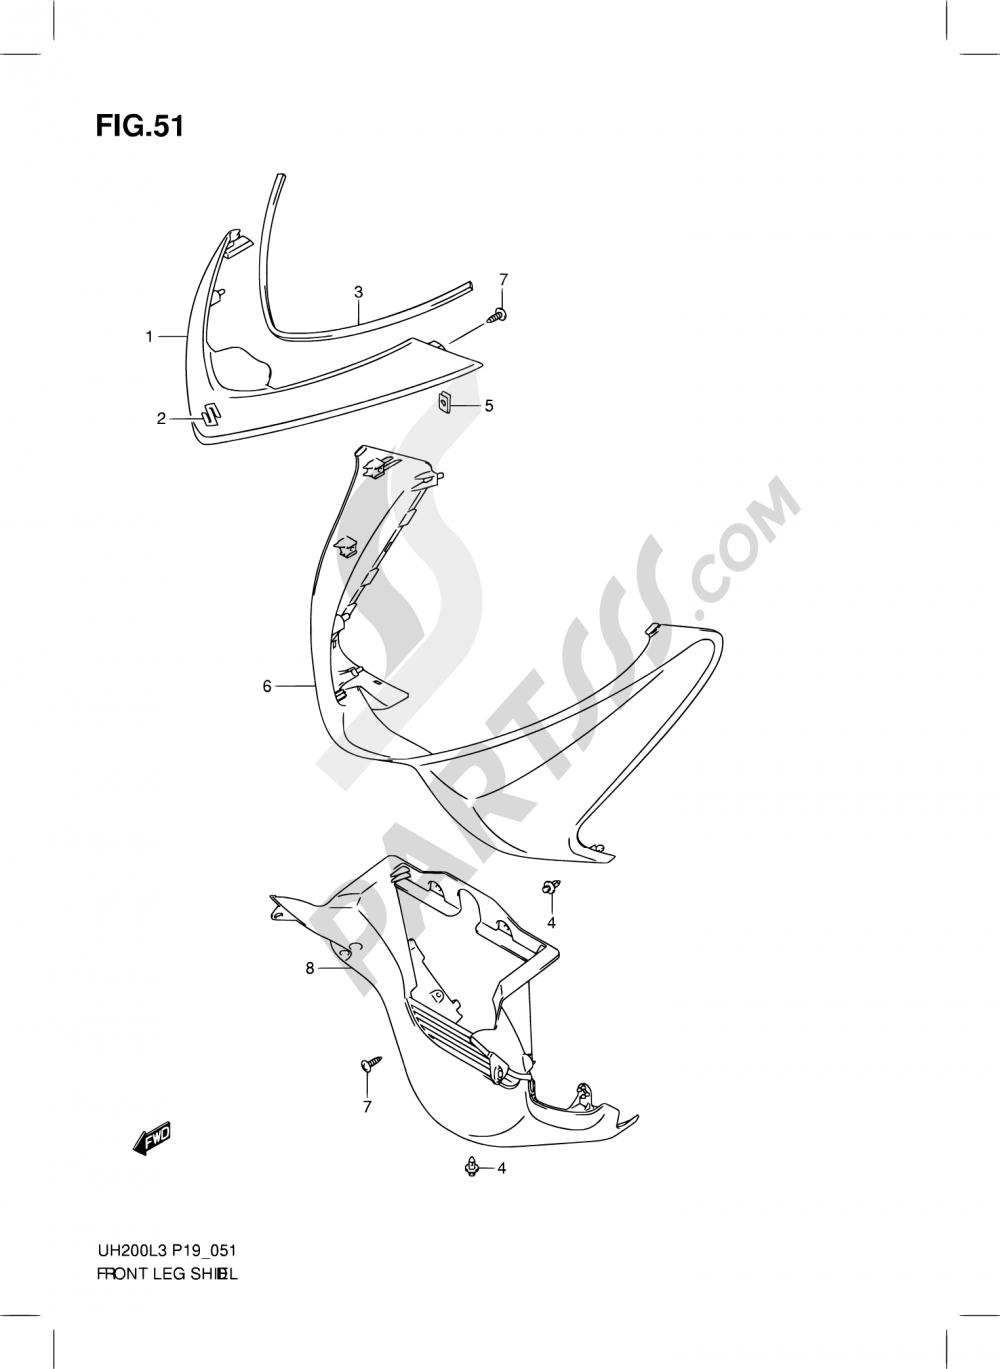 51 - FRONT LEG SHIELD (UH200ZL3 P19) Suzuki BURGMAN UH200 2013